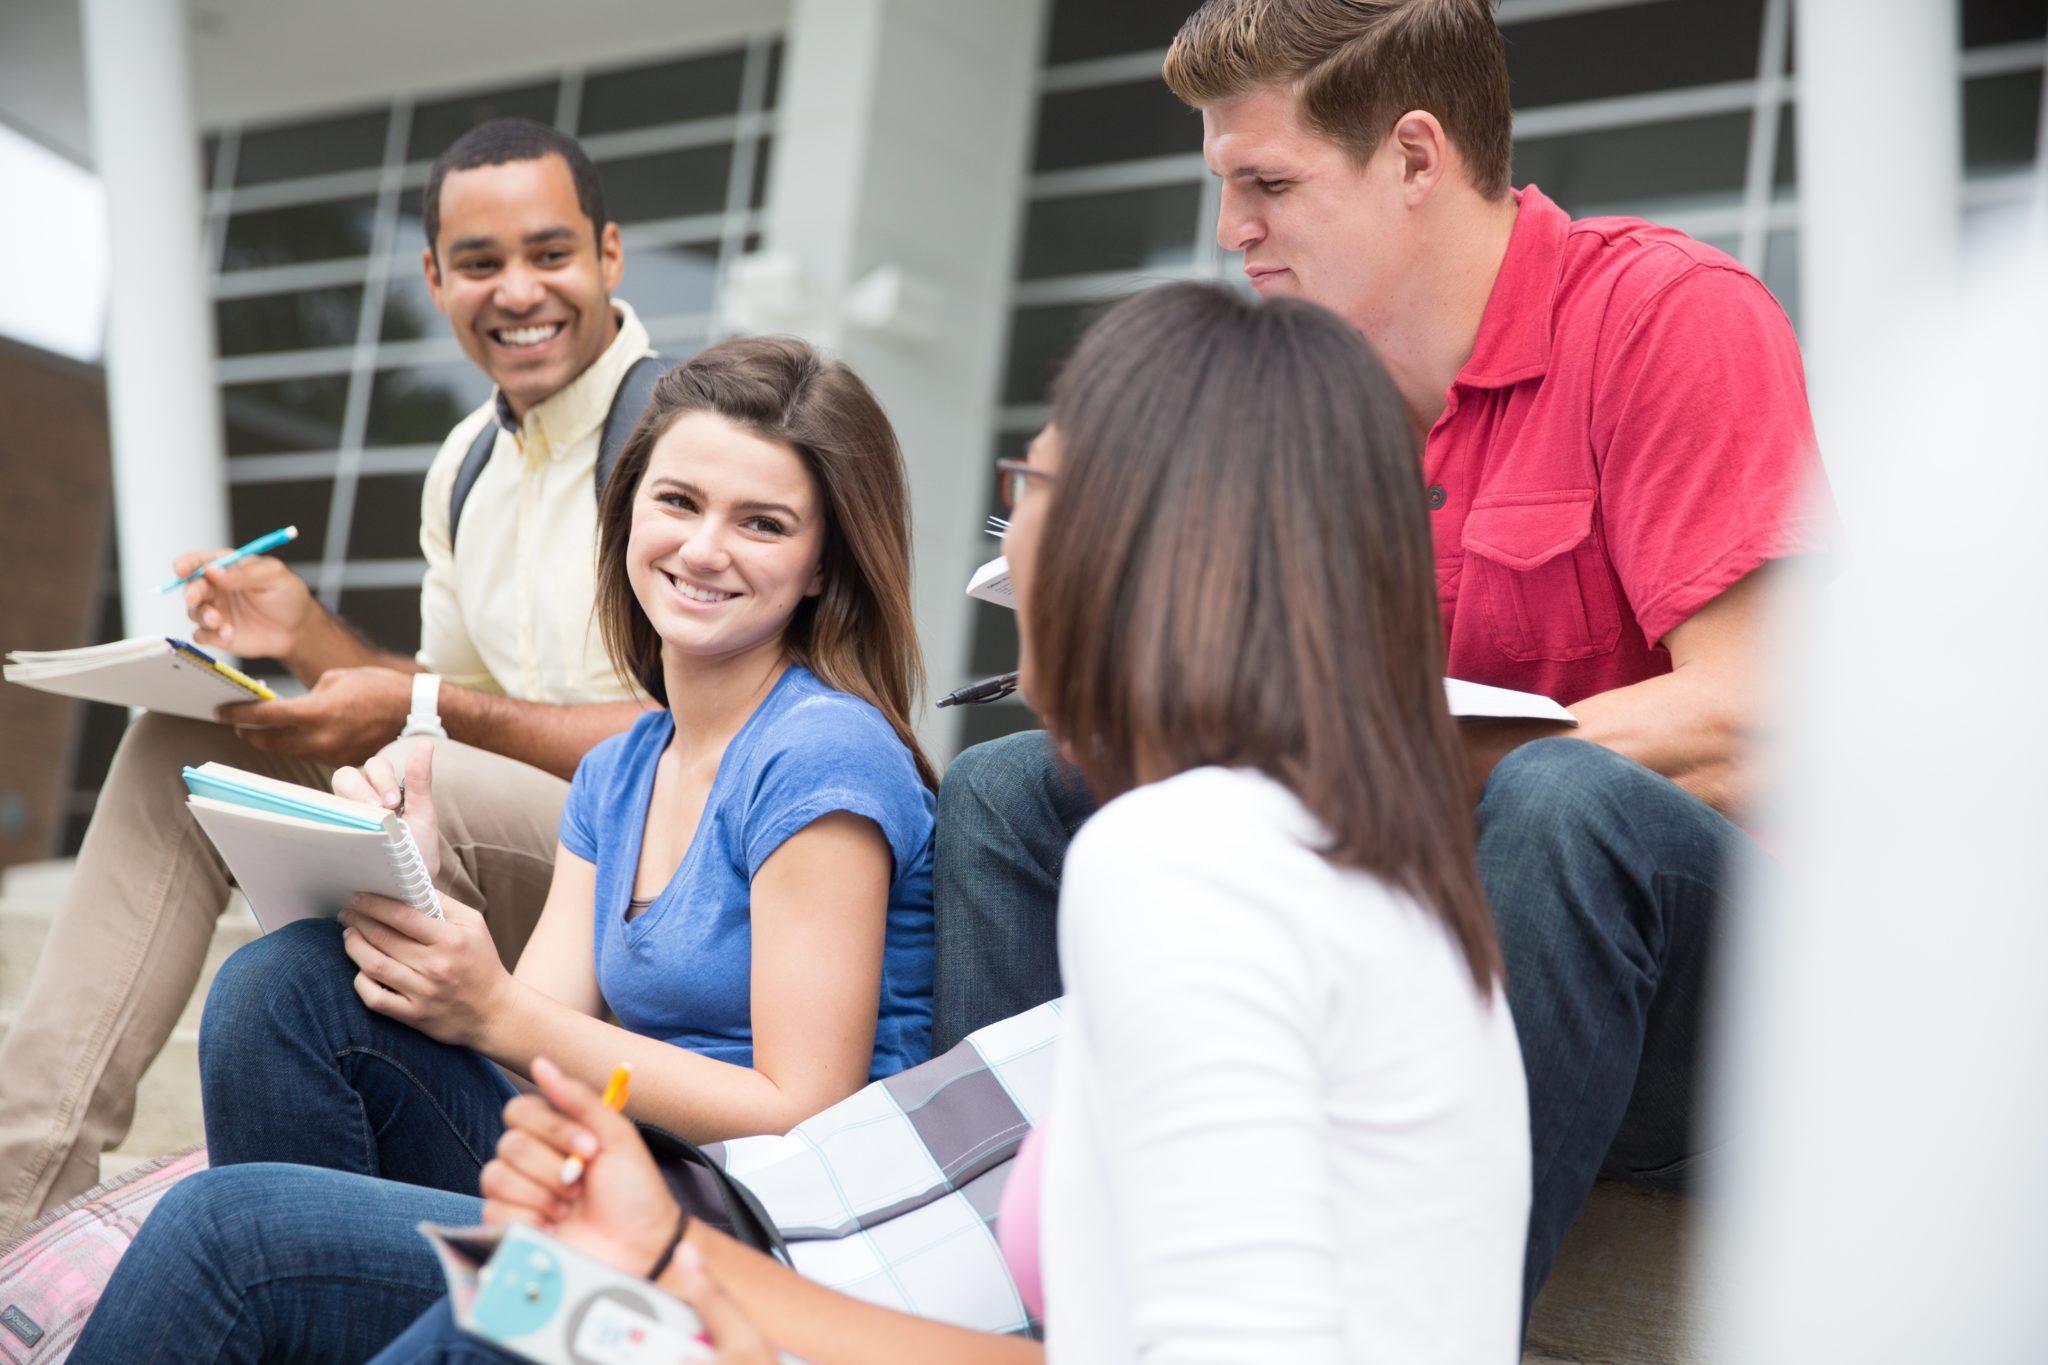 海外大学に進学するメリット④:国境を越えた友達ができる